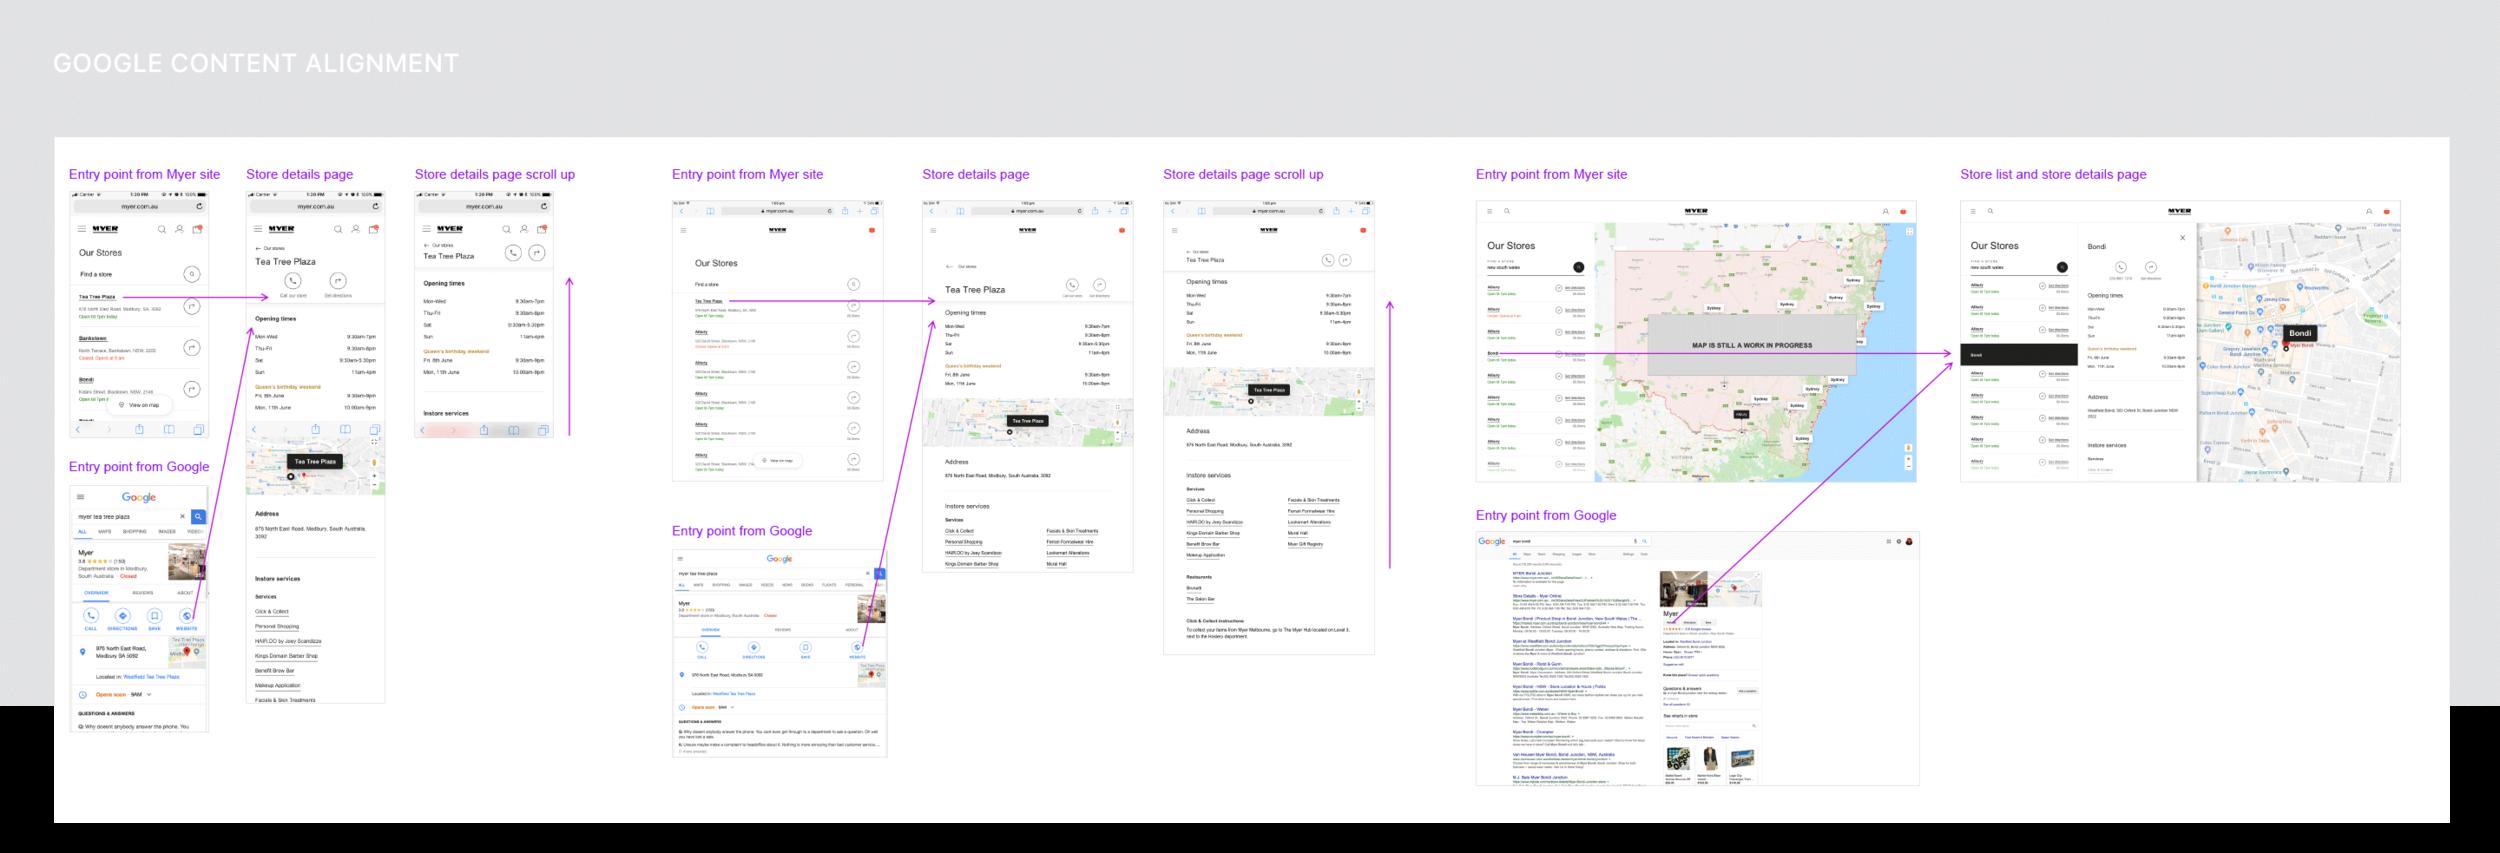 Goolge-map-integration.png